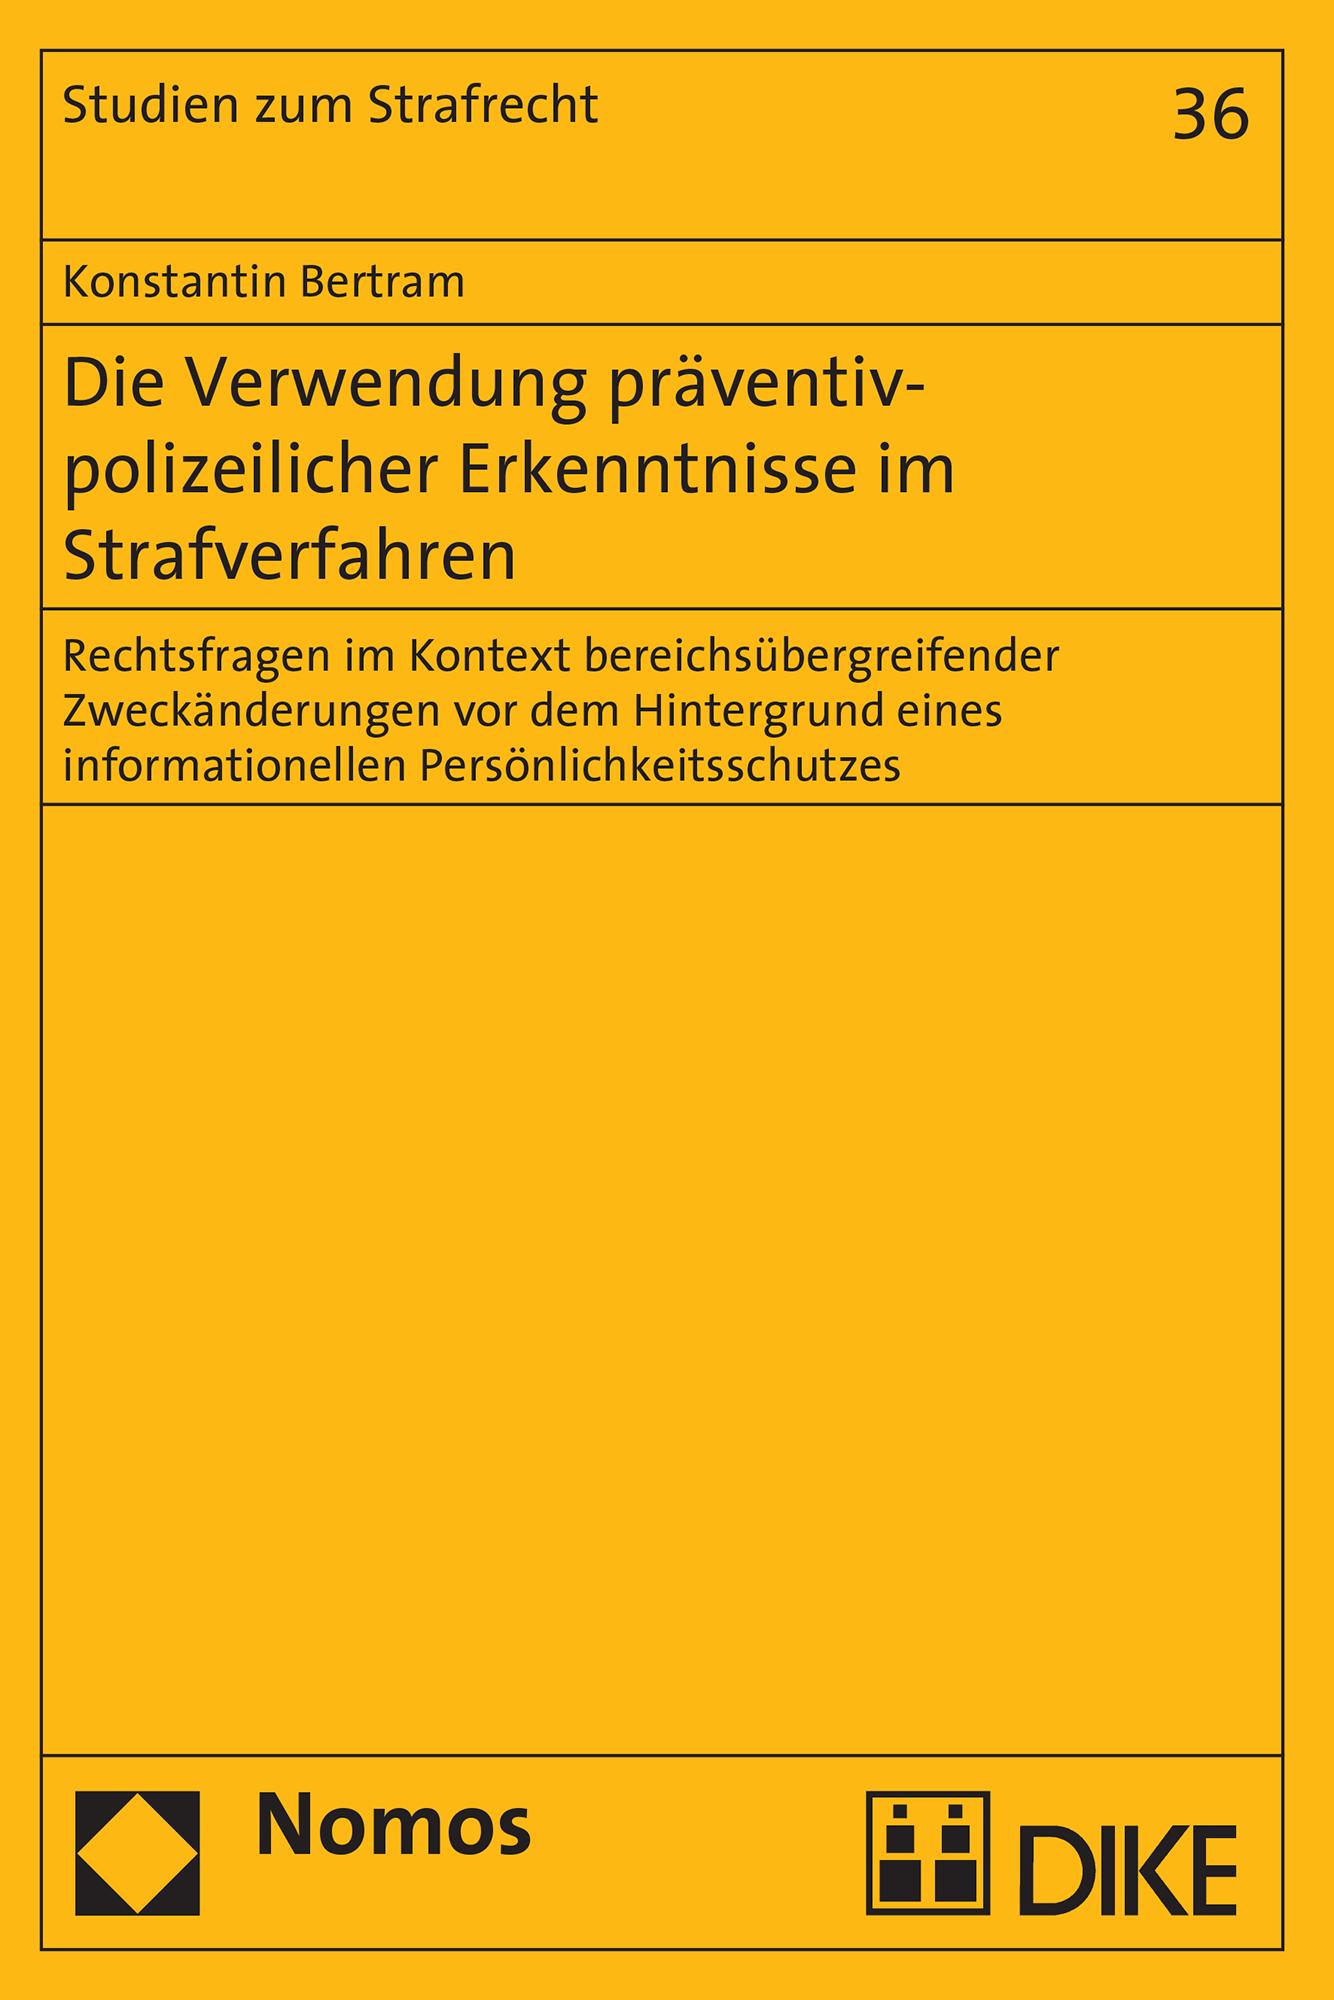 Die Verwendung präventiv-polizeilicher Erkenntnisse im Strafverfahren